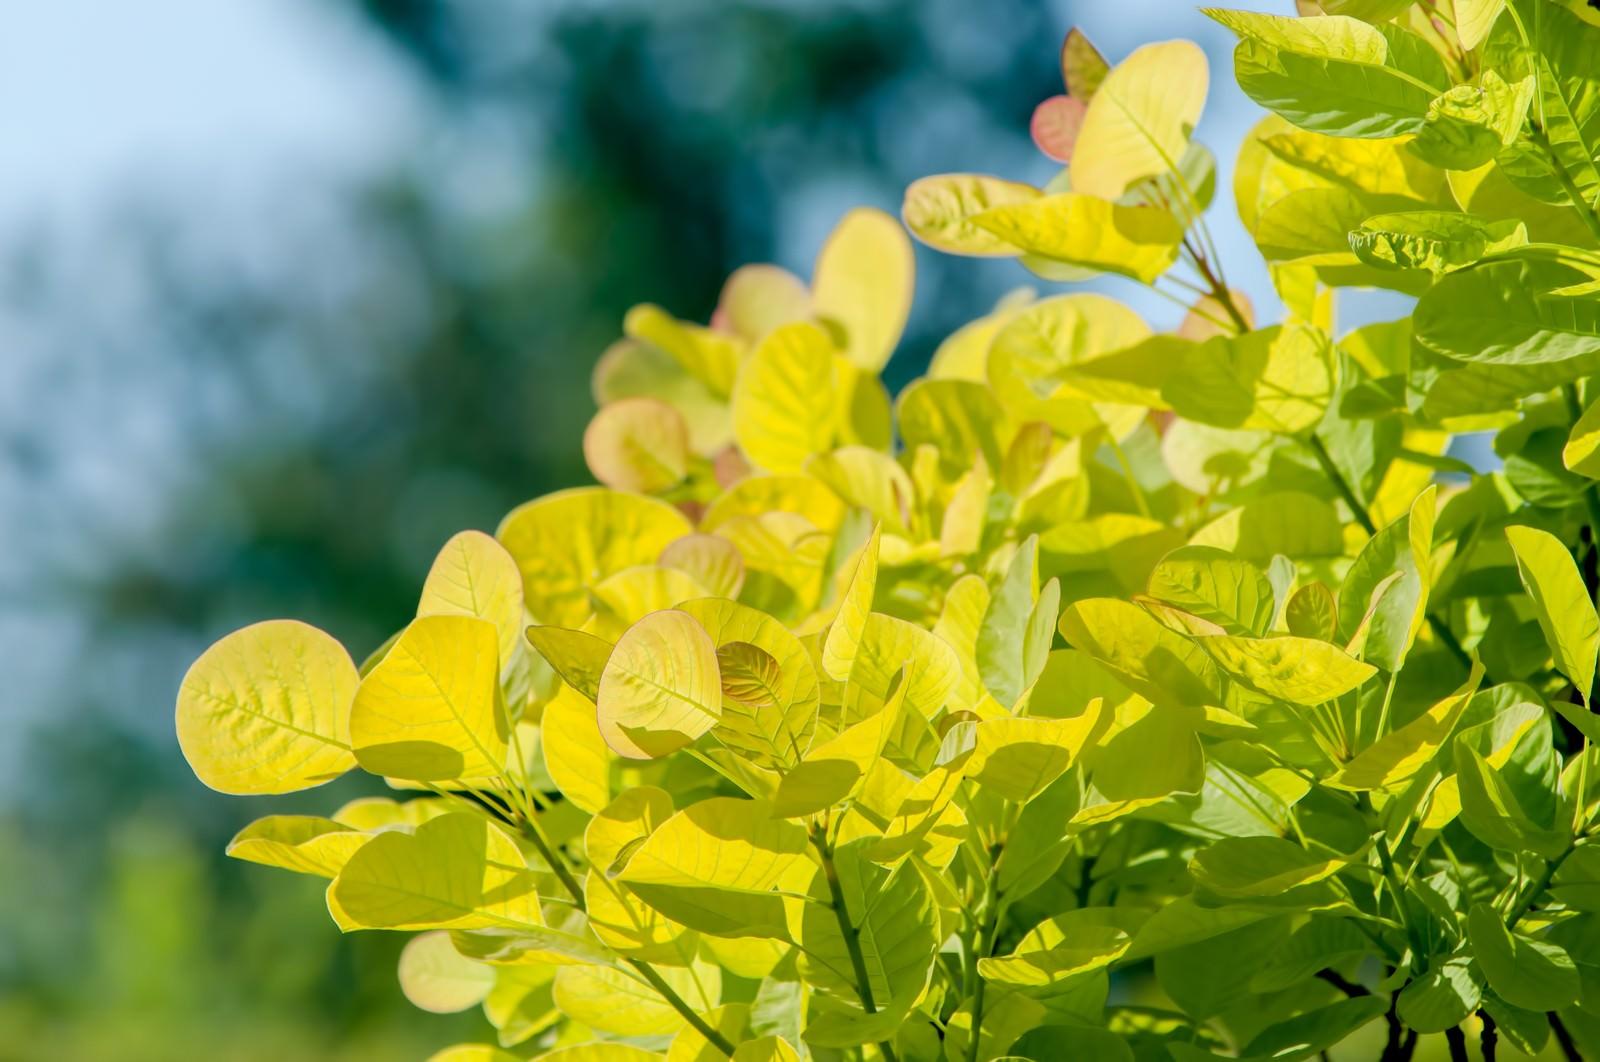 「スモークツリーの新芽」の写真